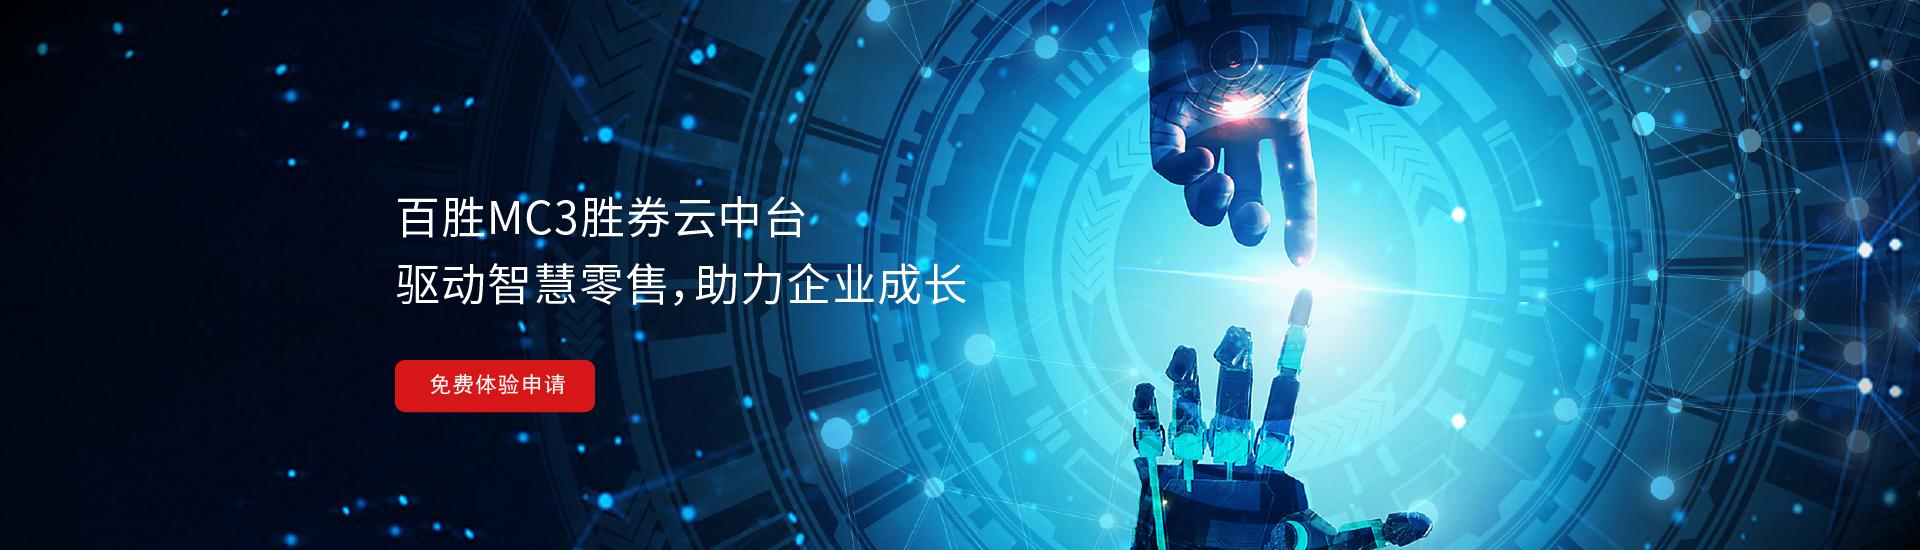 百胜MC3云中台免费试用